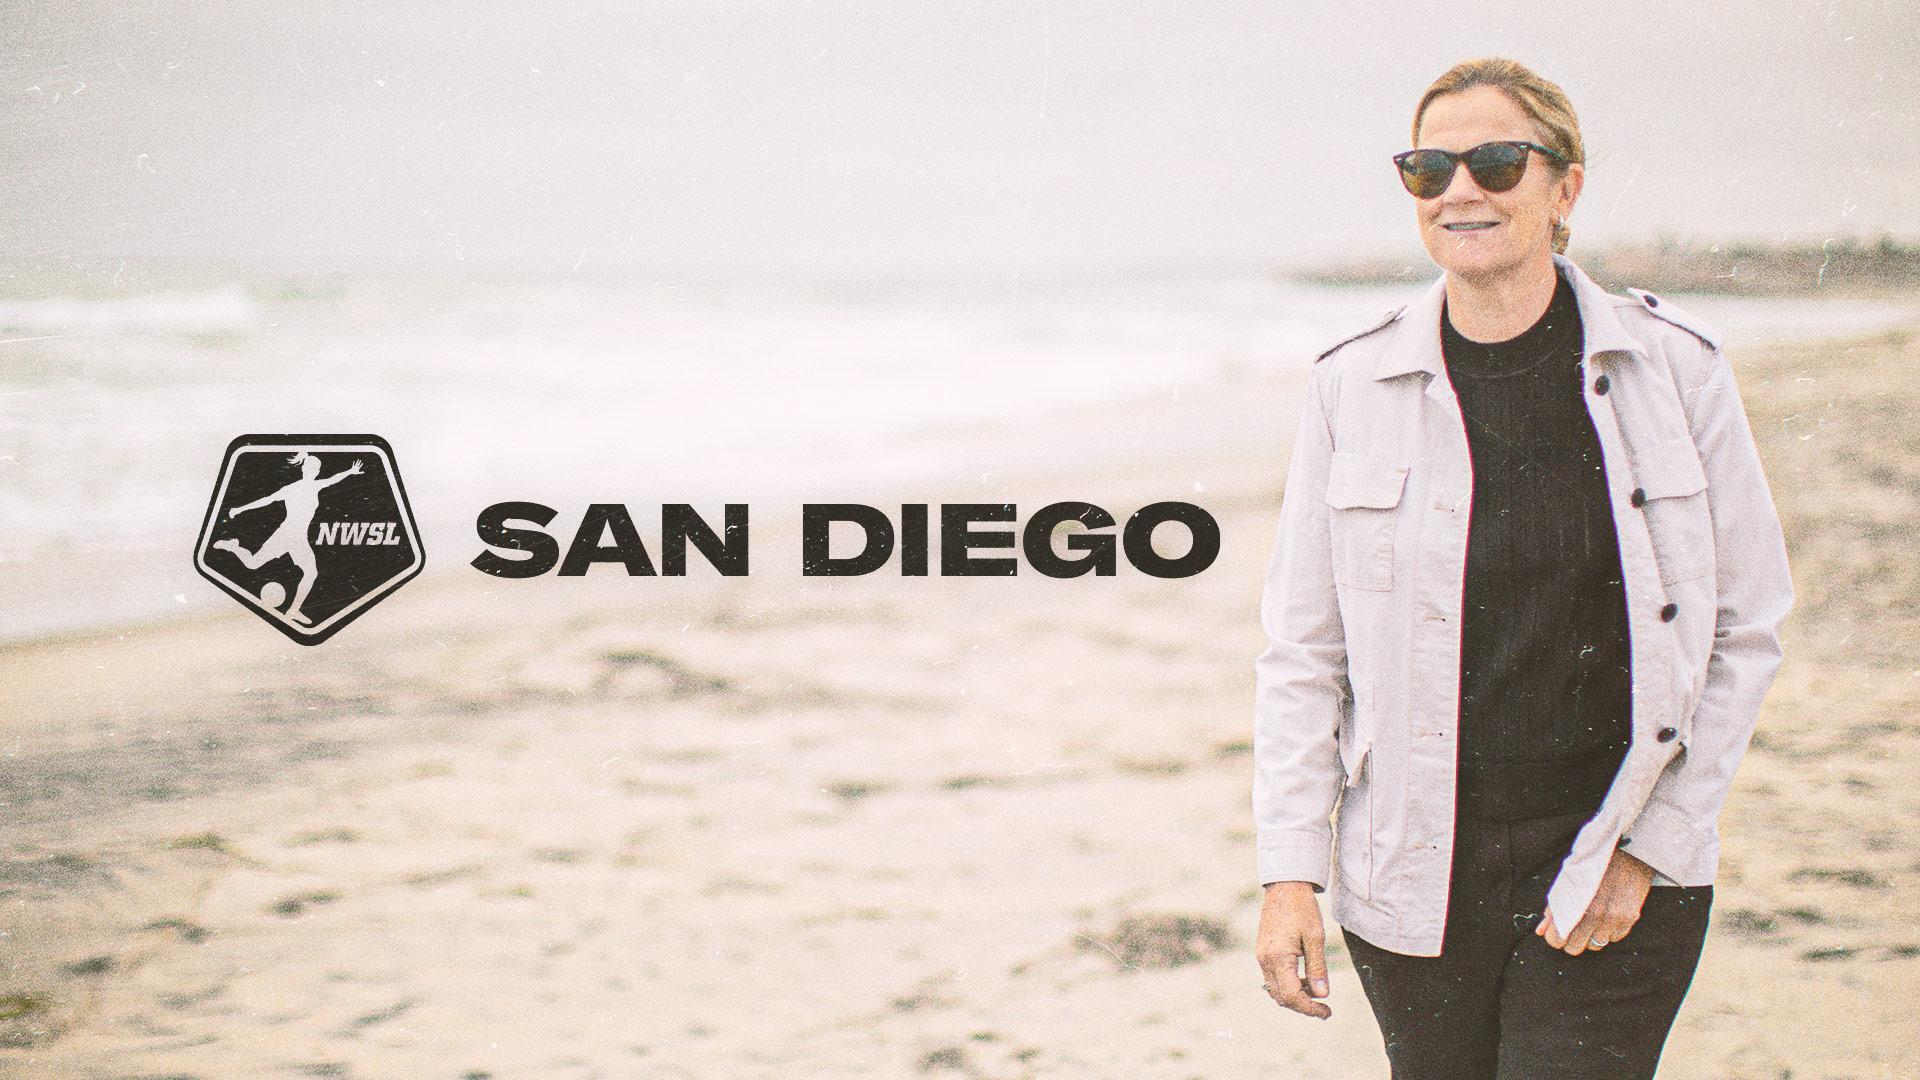 San Diego NWSL